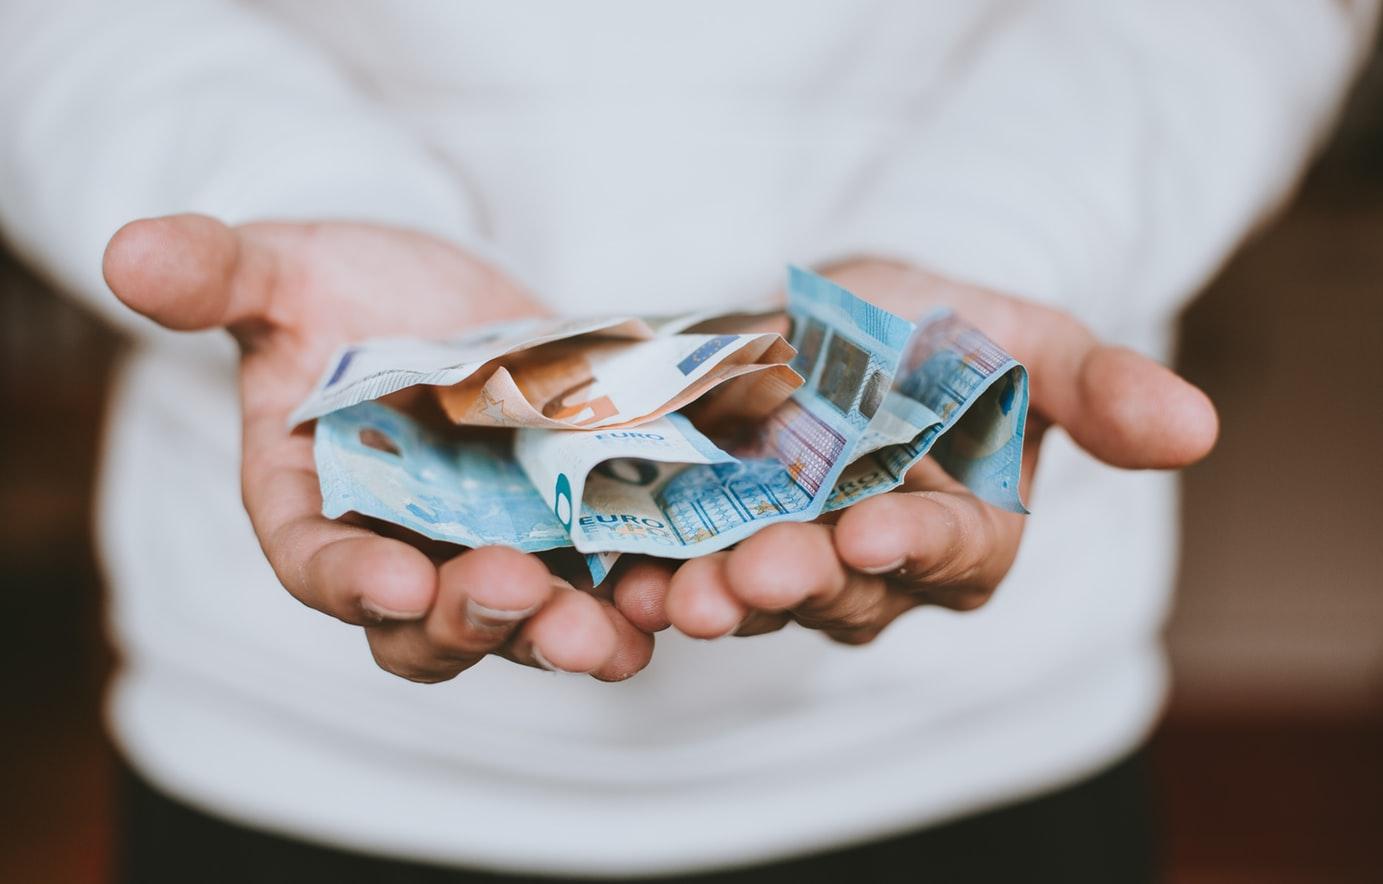 Переговоры о зарплате. Сколько вы хотите получать?